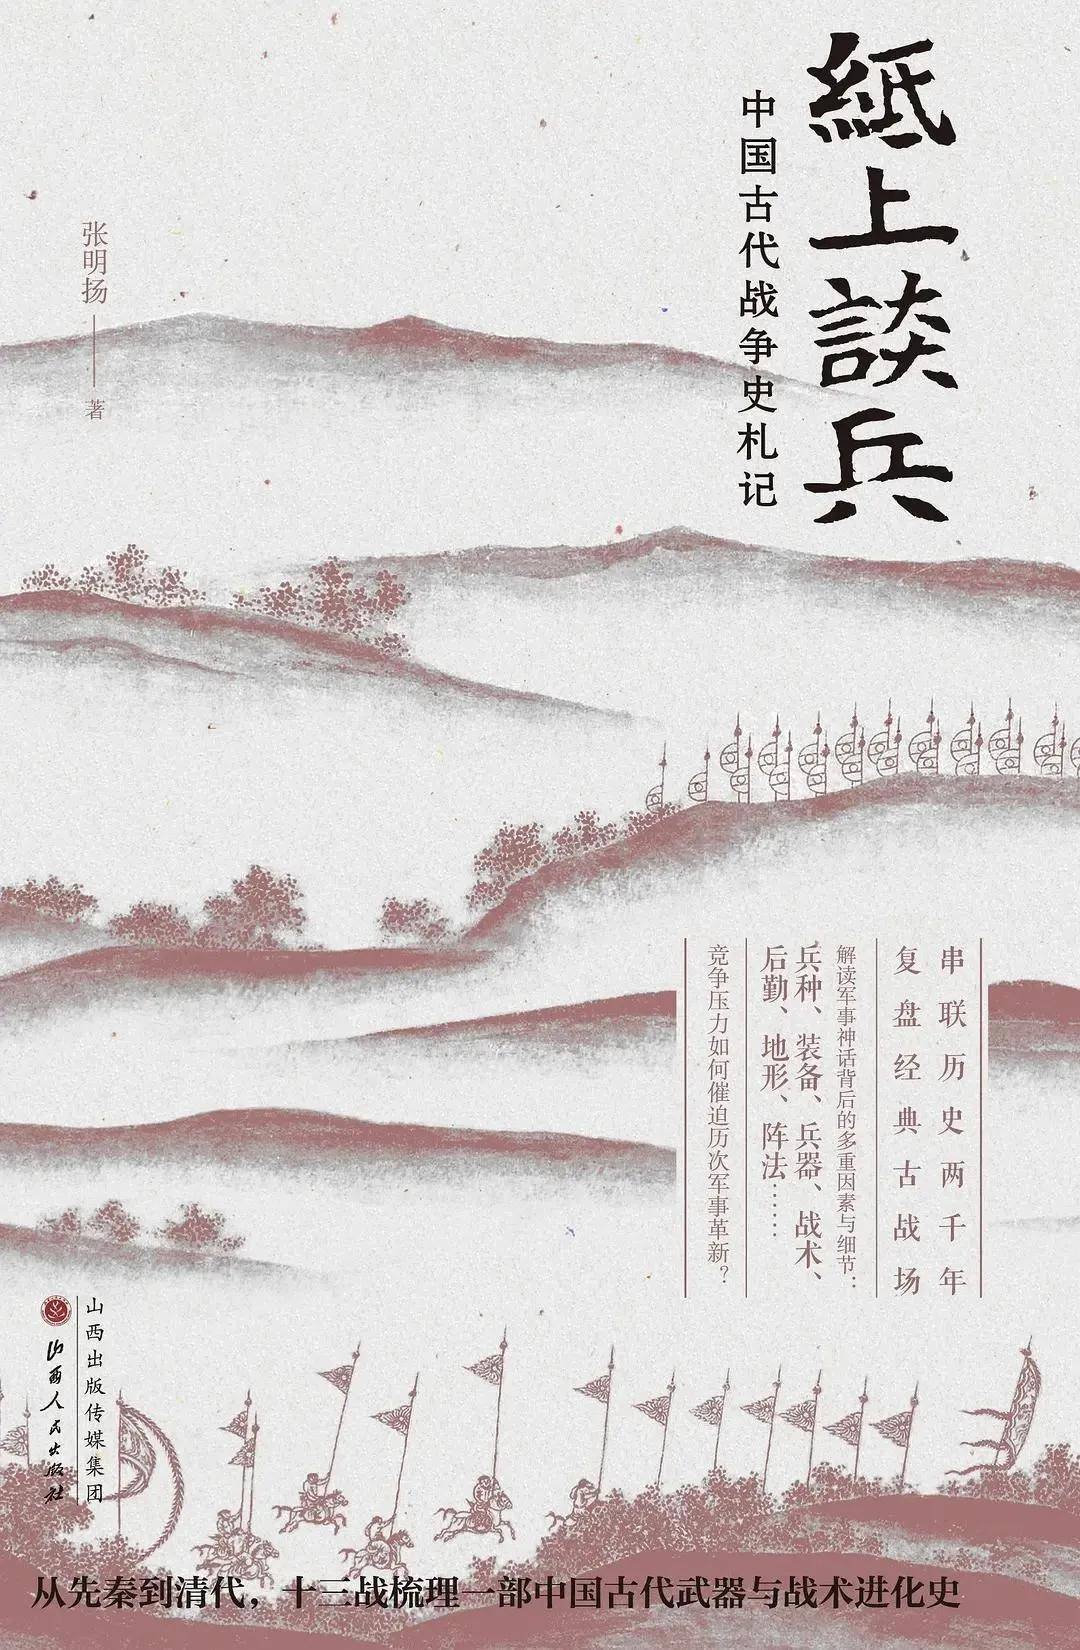 我研究了13场战役,就想知道中国古代的战争怎么